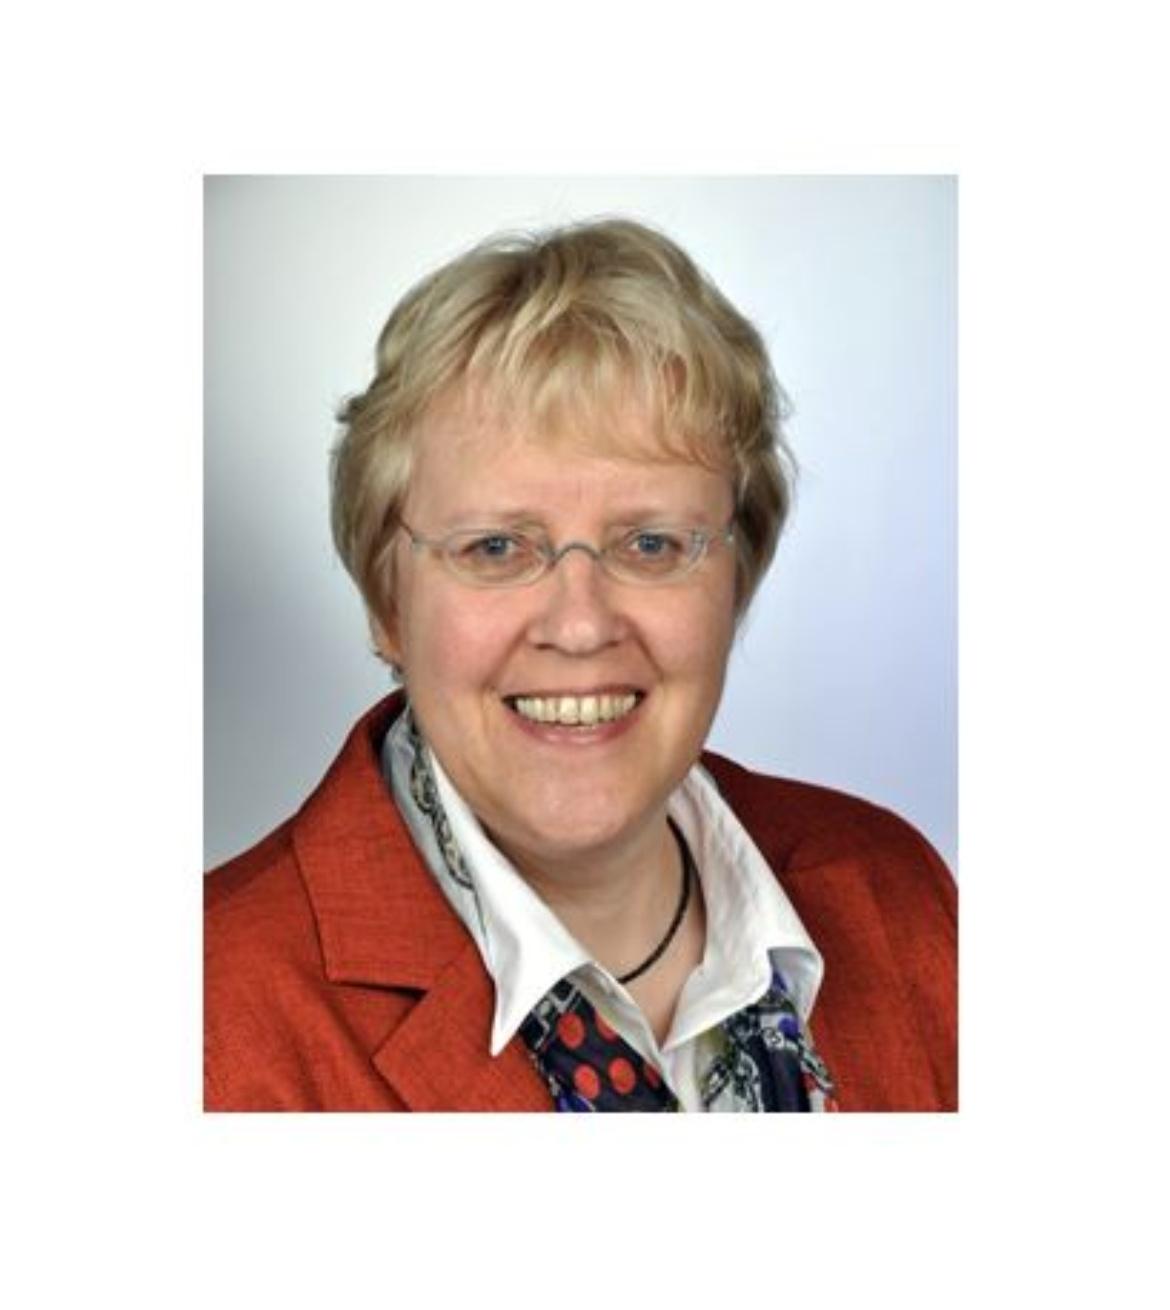 Professorin Sabine Holtz (c)